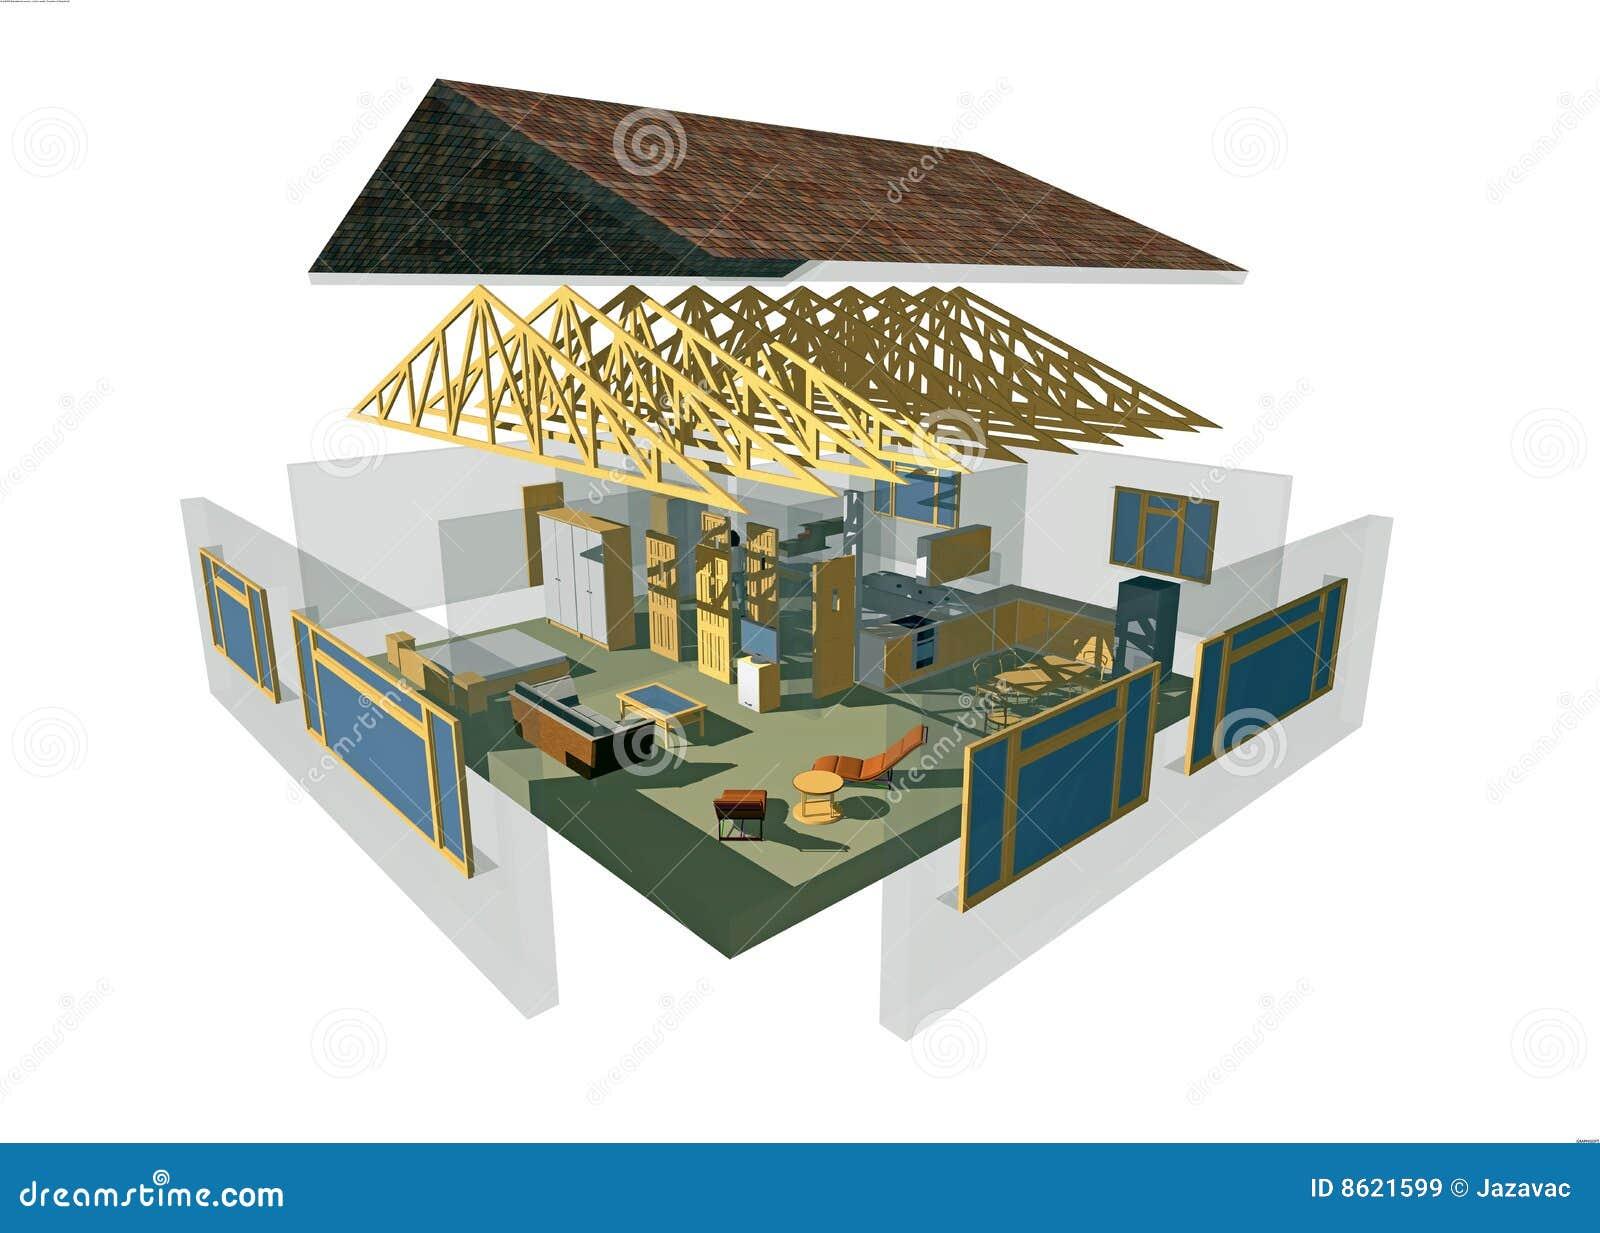 Maison 3d images libres de droits image 8621599 - Dessin 3d maison ...